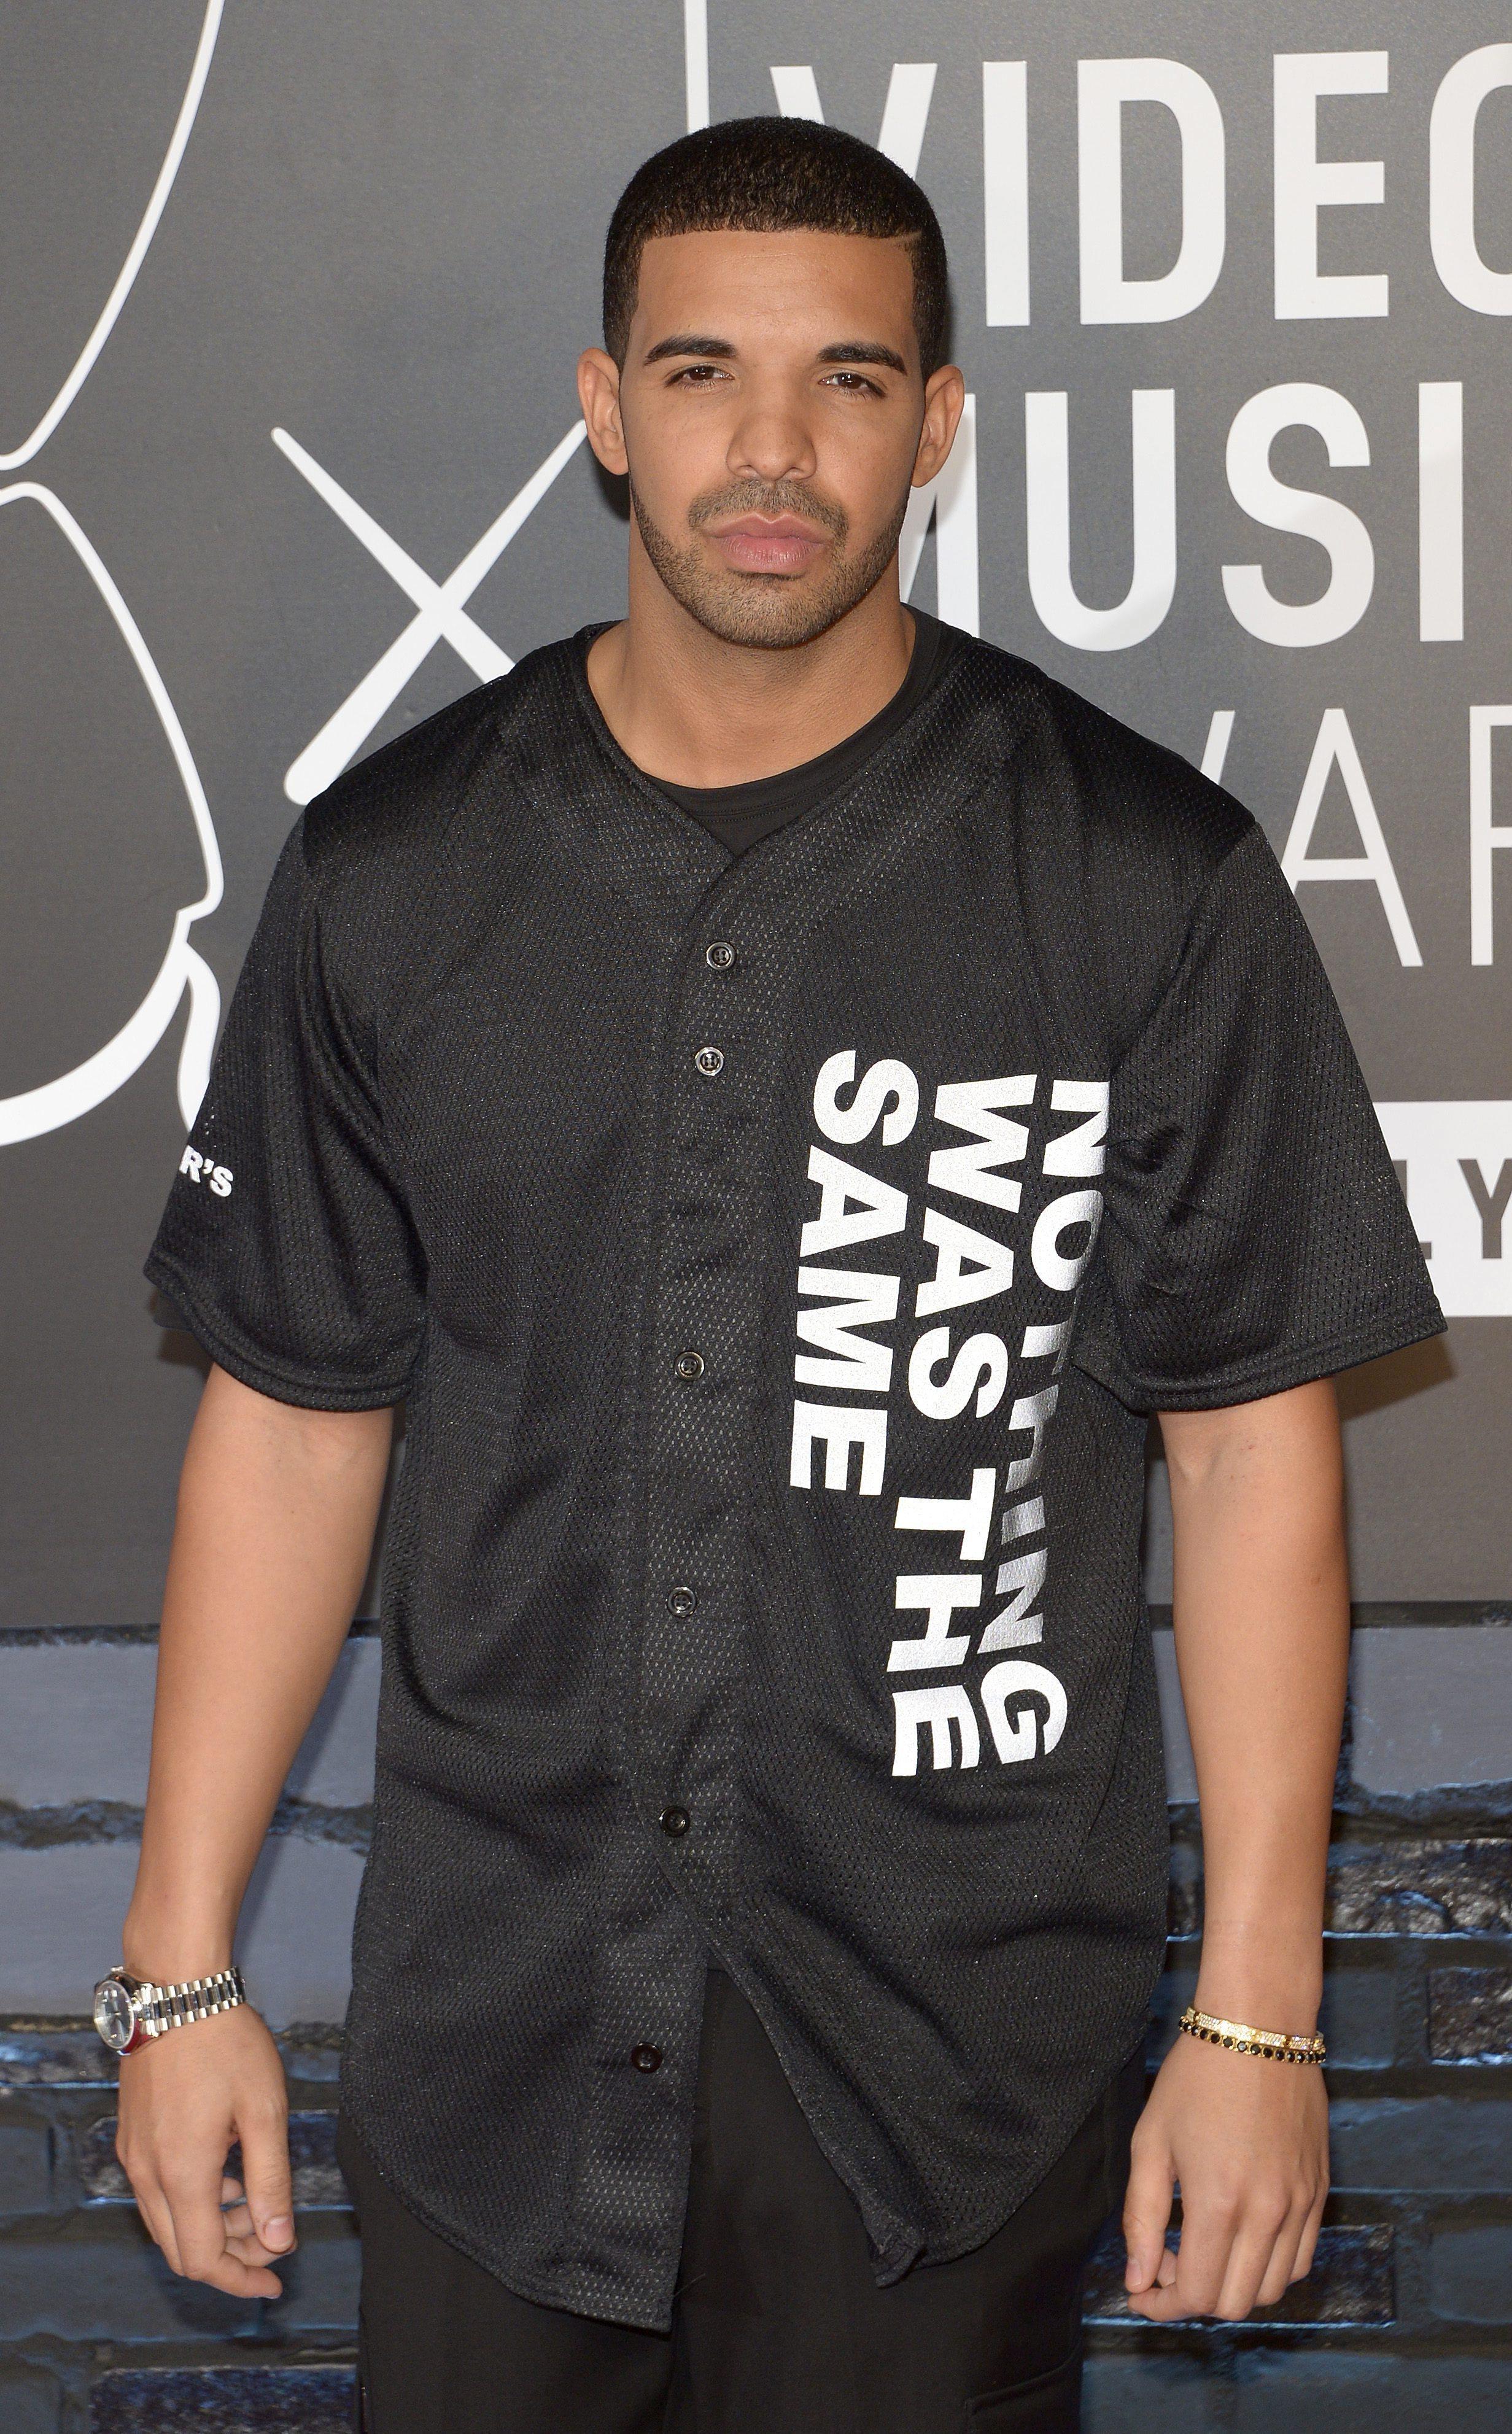 Rihanna e Kanye West participam no novo álbum de Drake